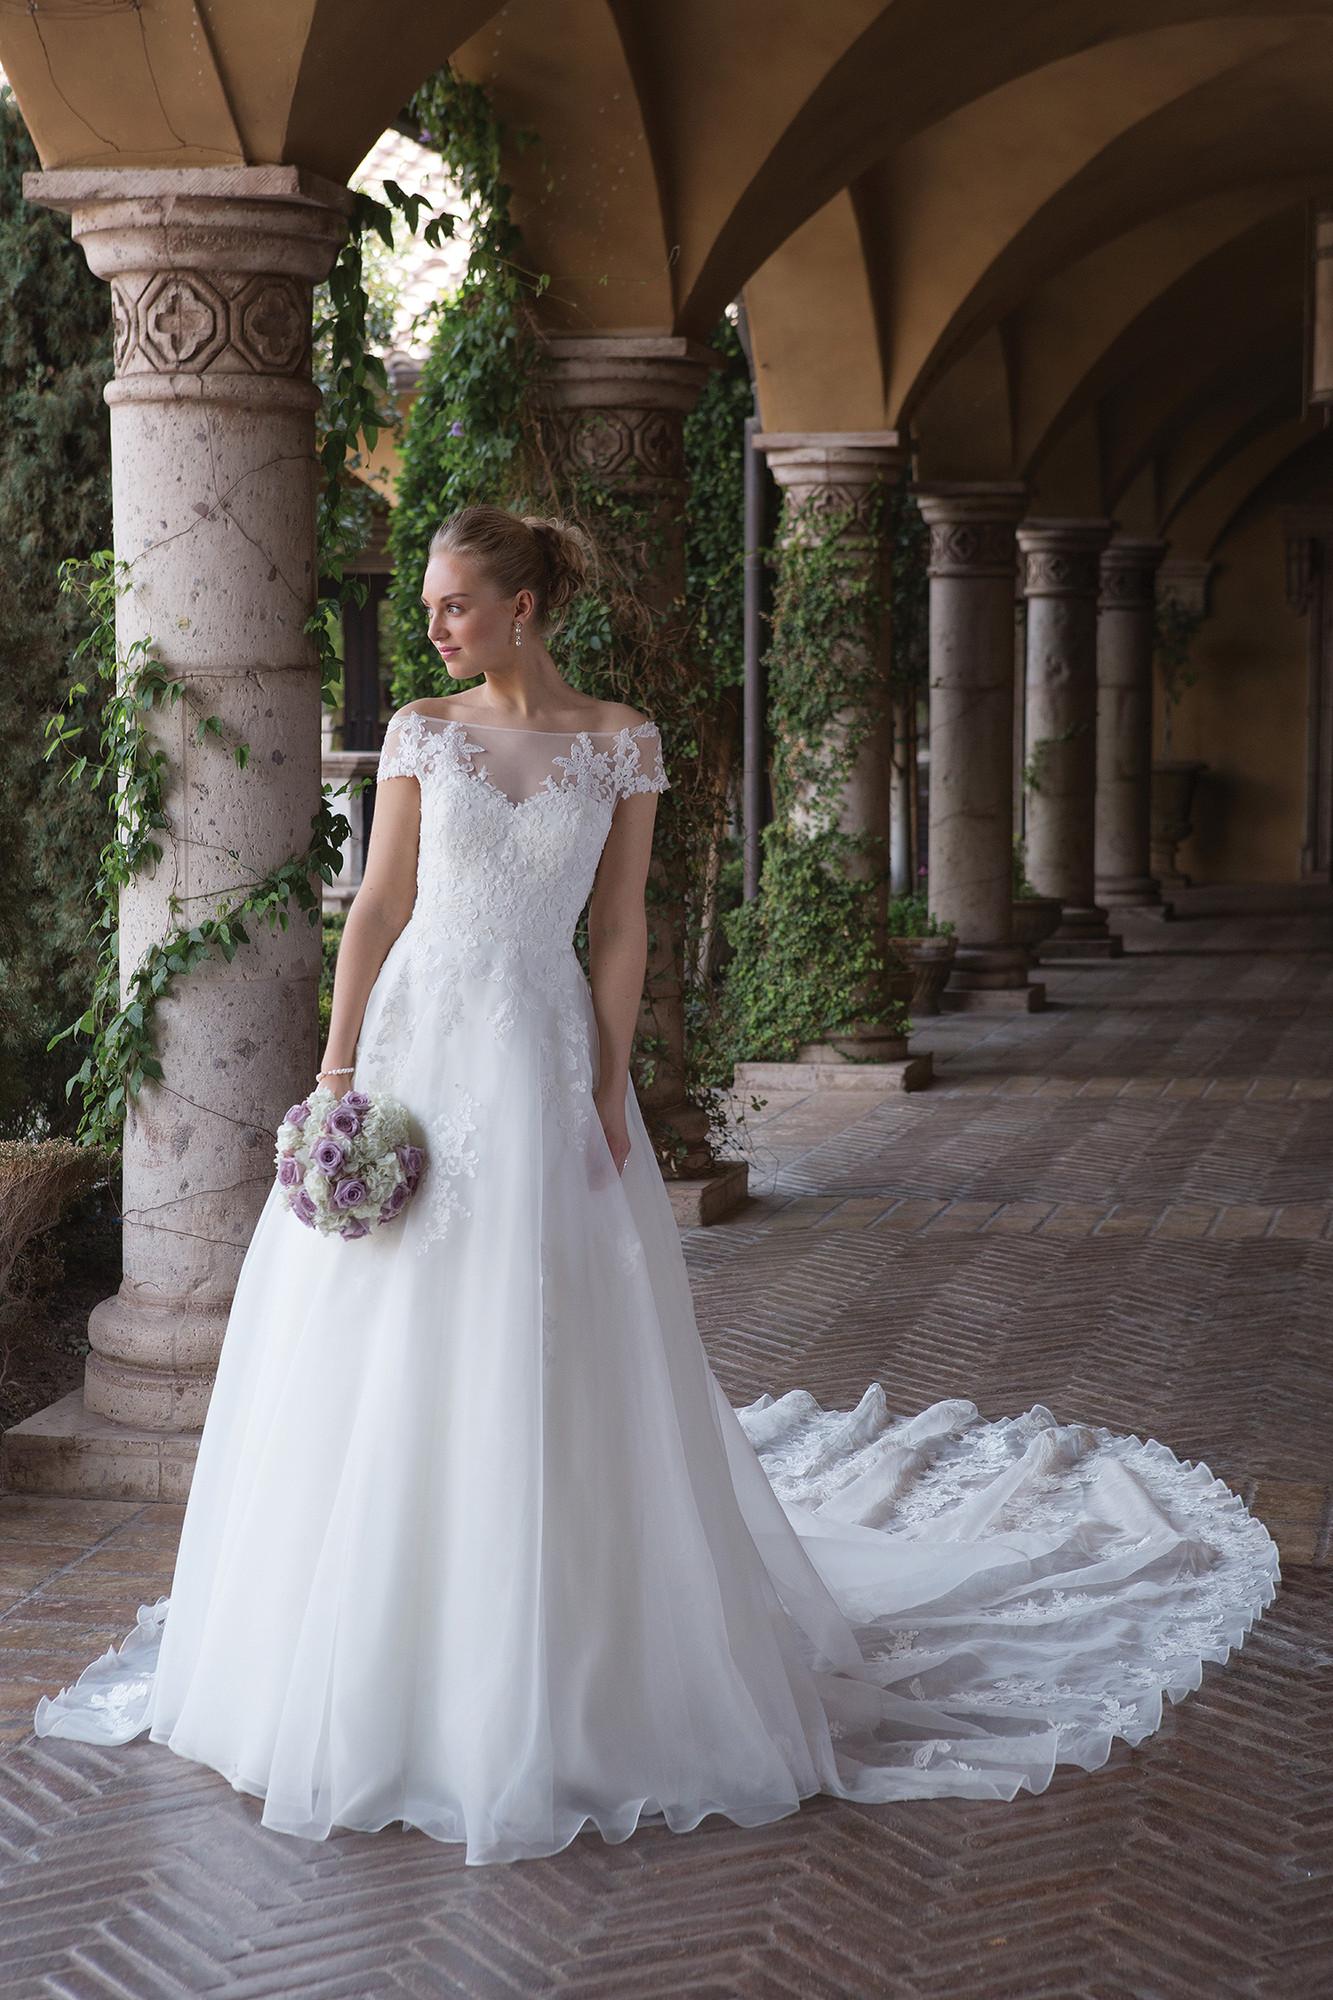 Wedding Dresses by Sincerity Bridal - 4012 - Weddingwire.ca - photo #33